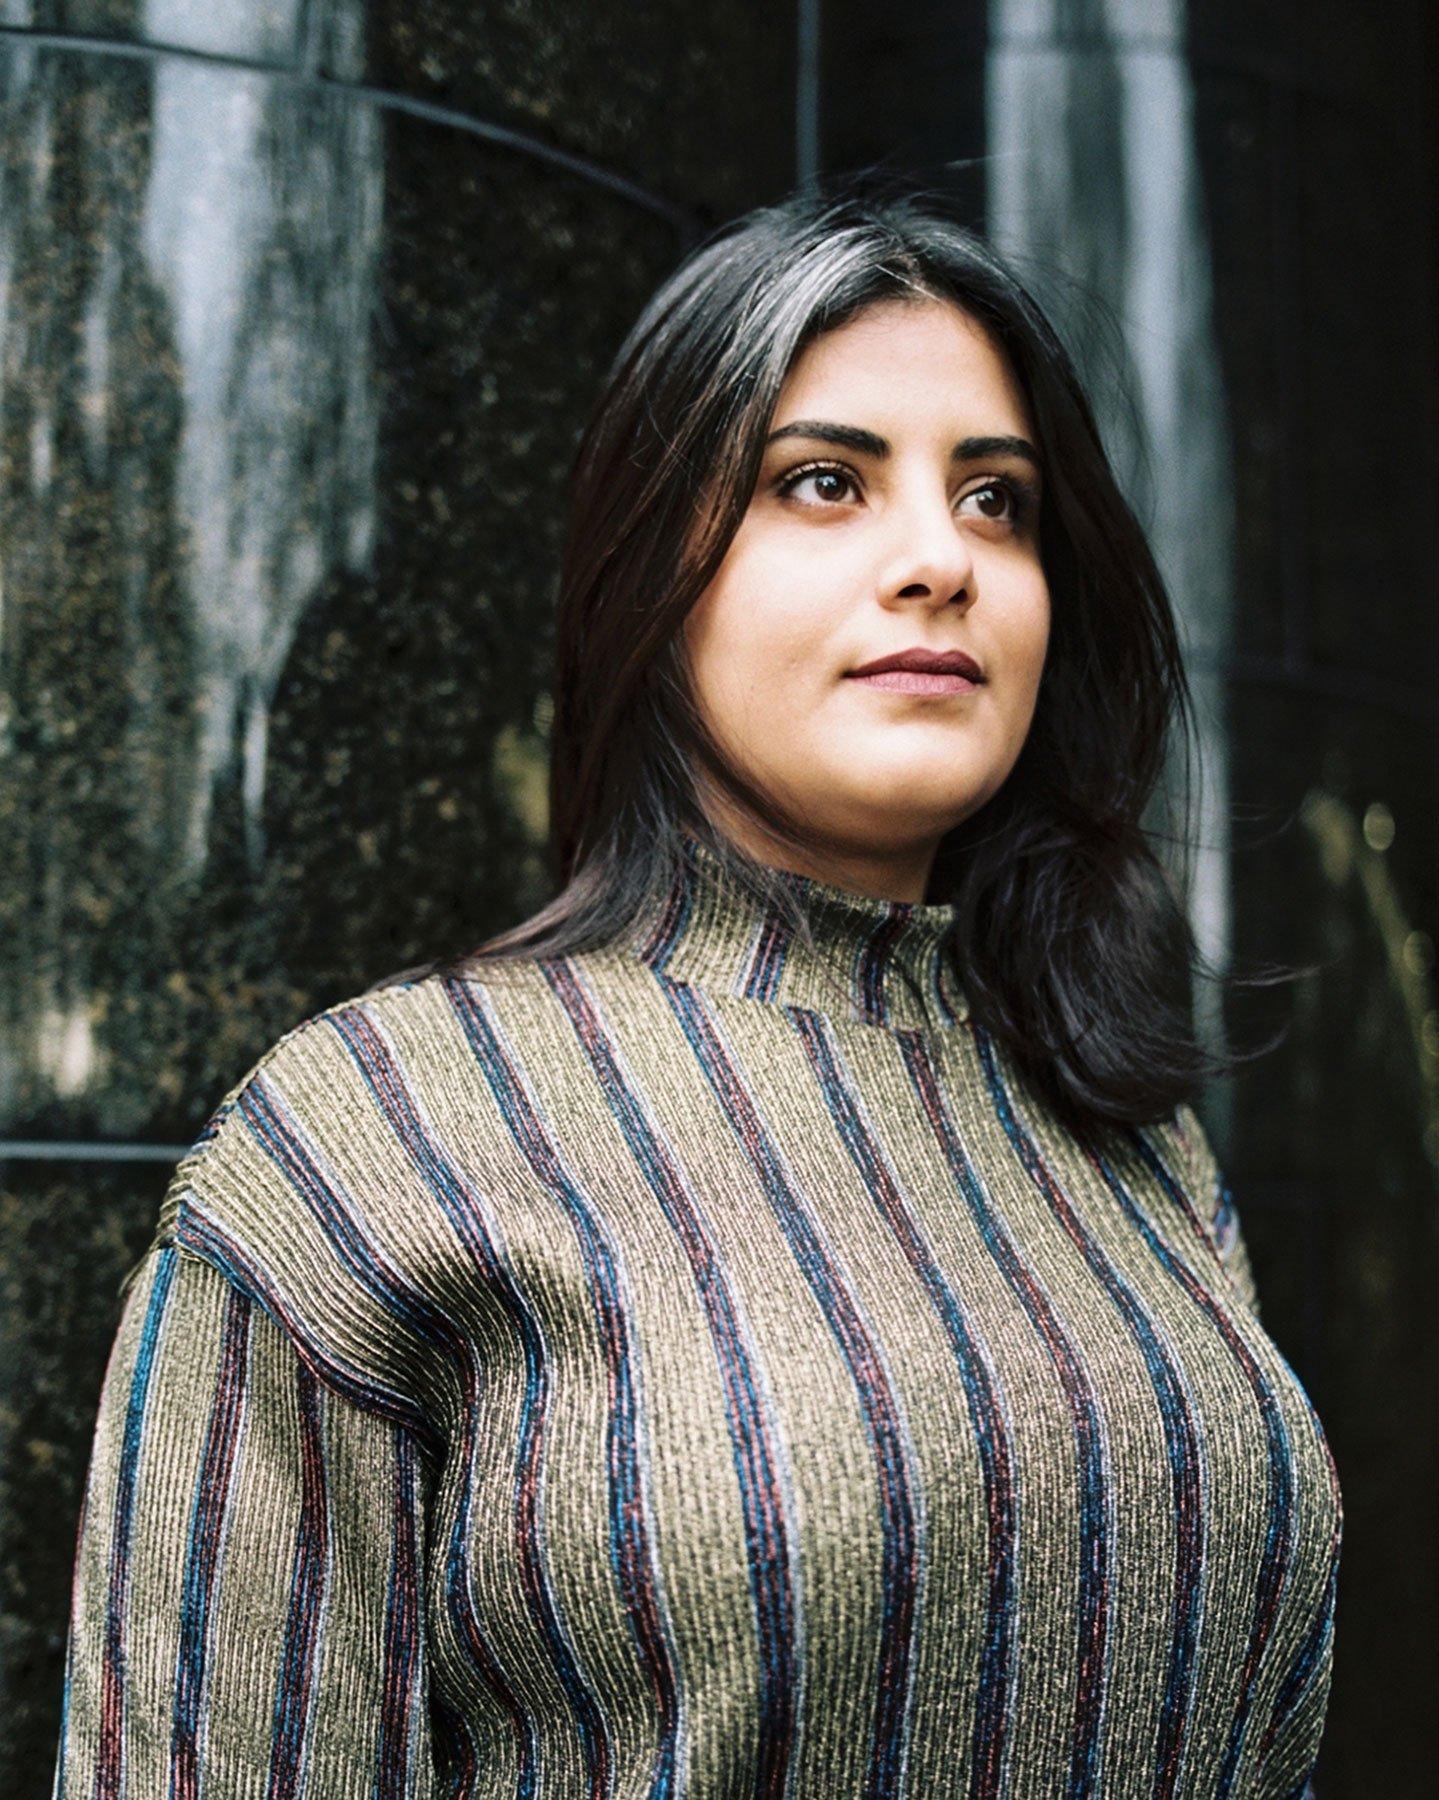 Arabia Saudí: Activista Loujain Alhathloul condenada a casi 6 años de cárcel